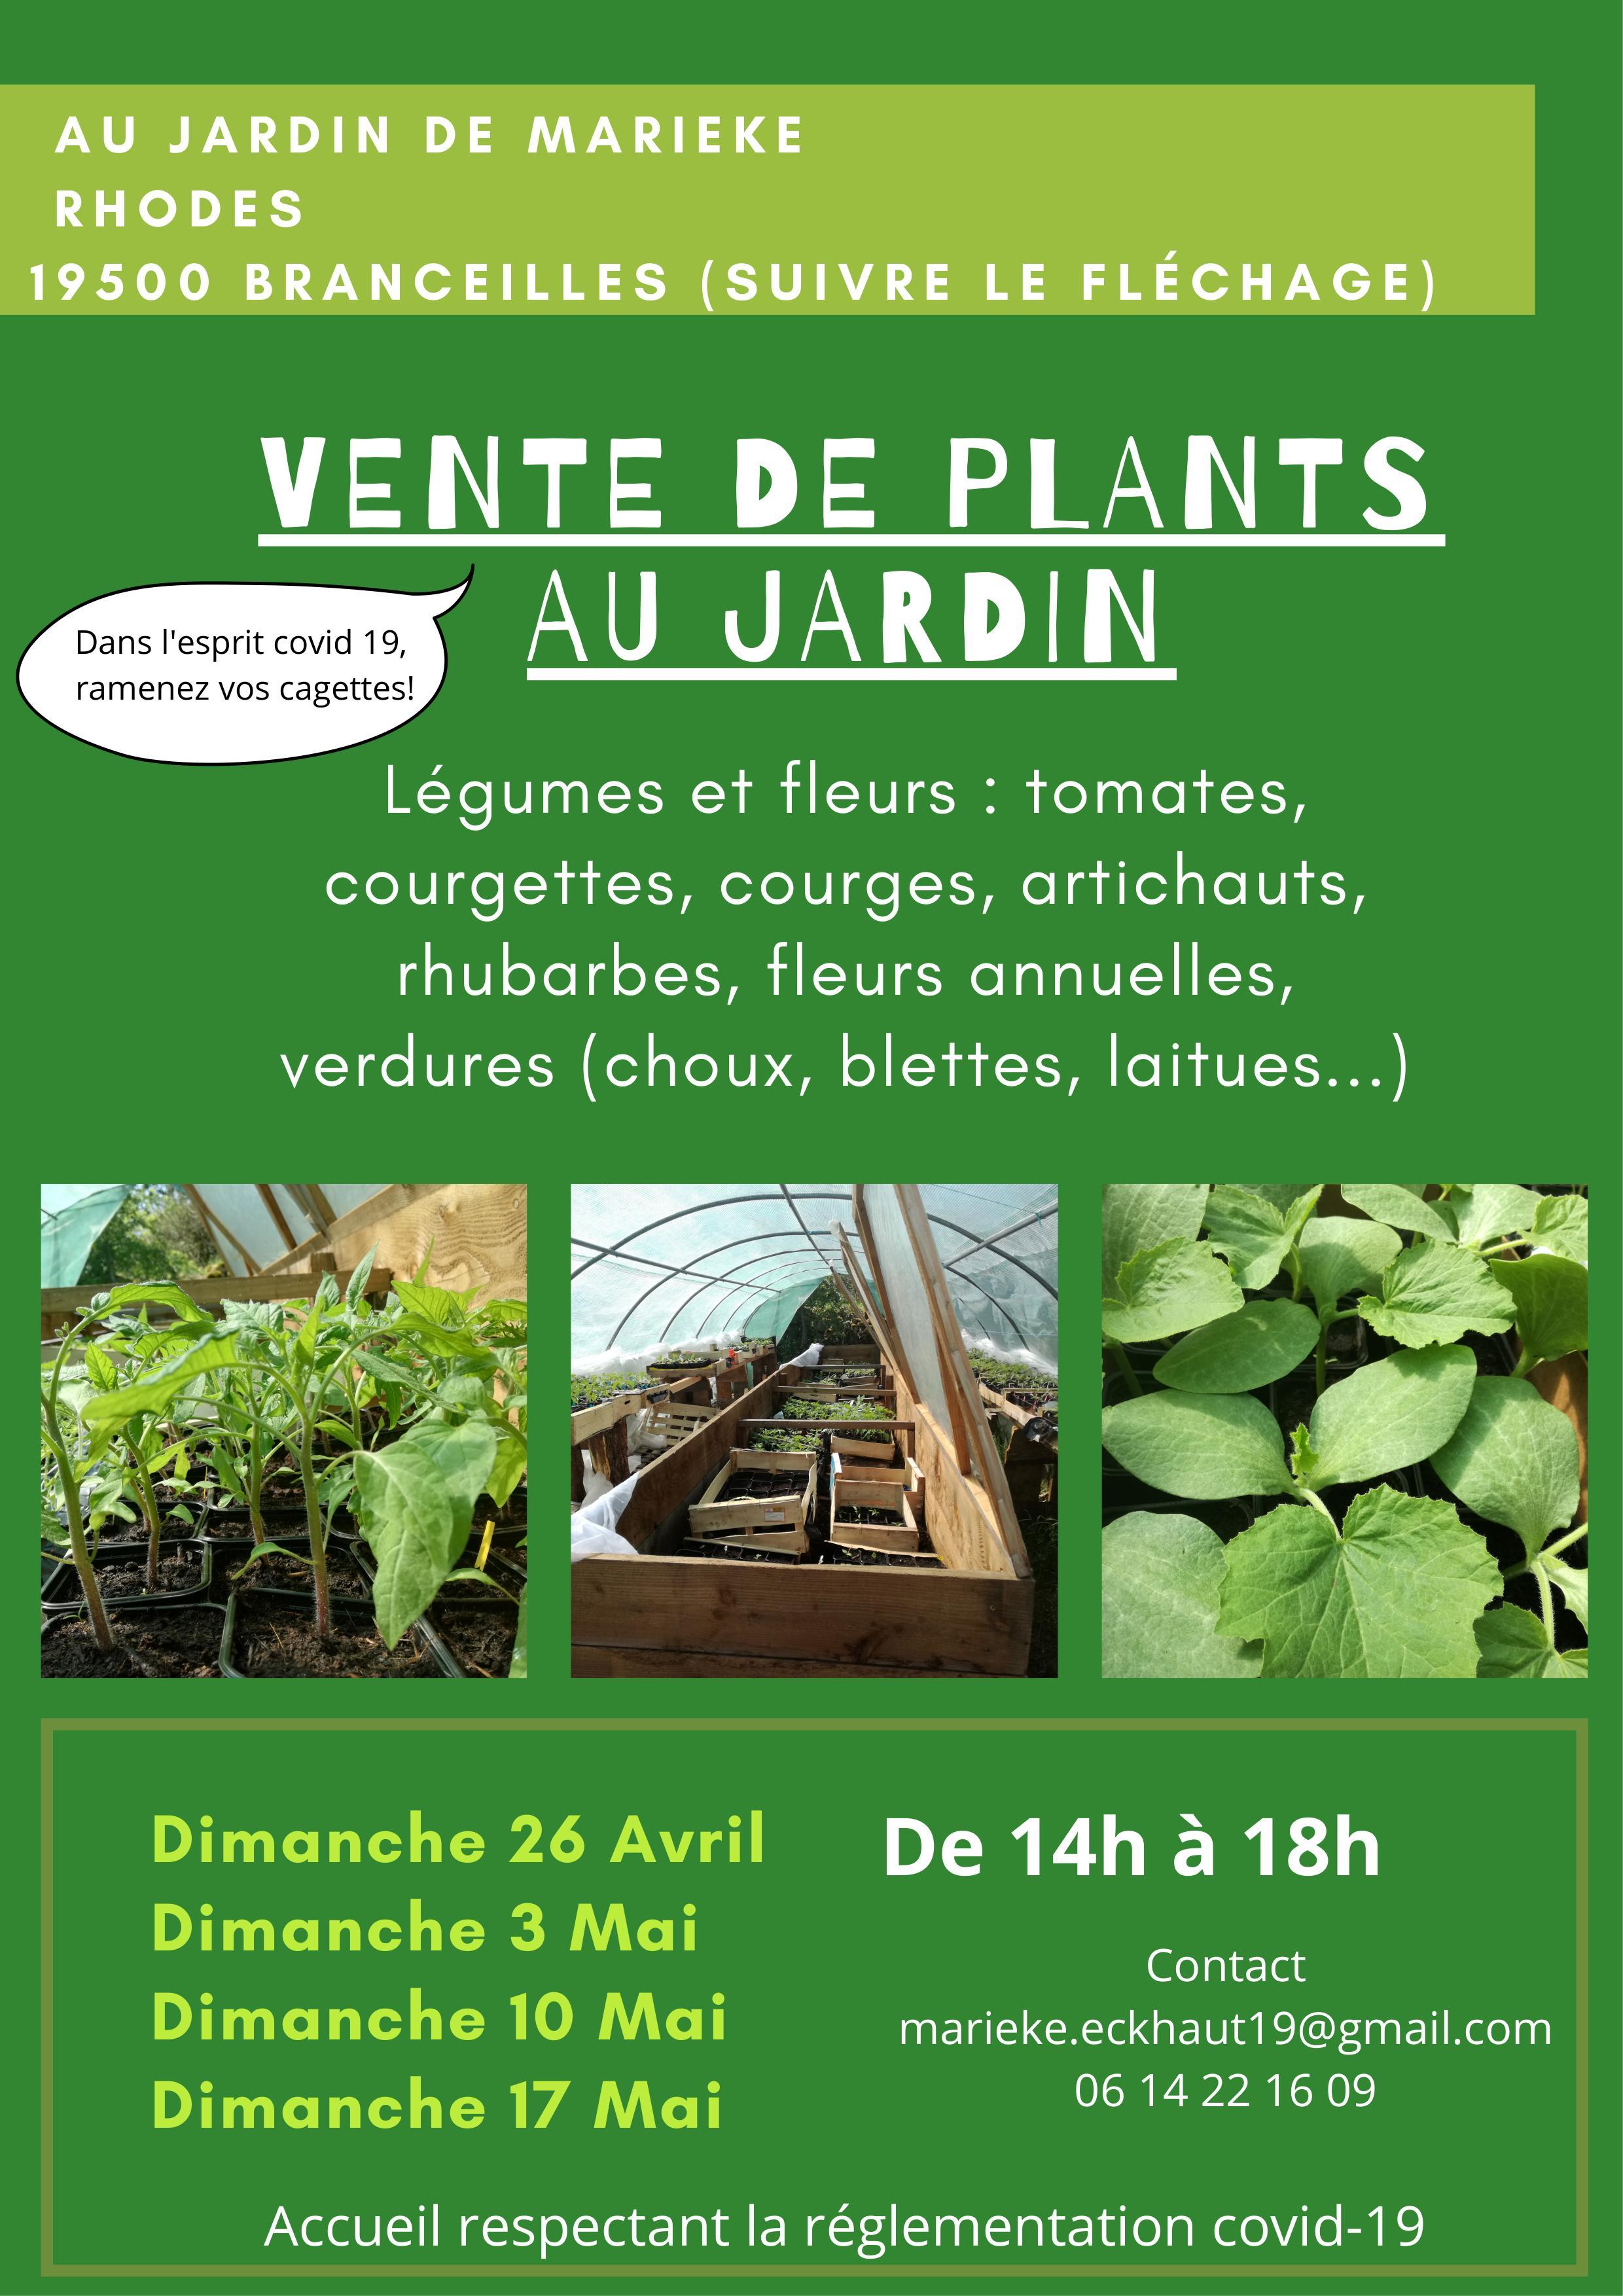 Vente de plants de légumes et de fleurs - Rhodes